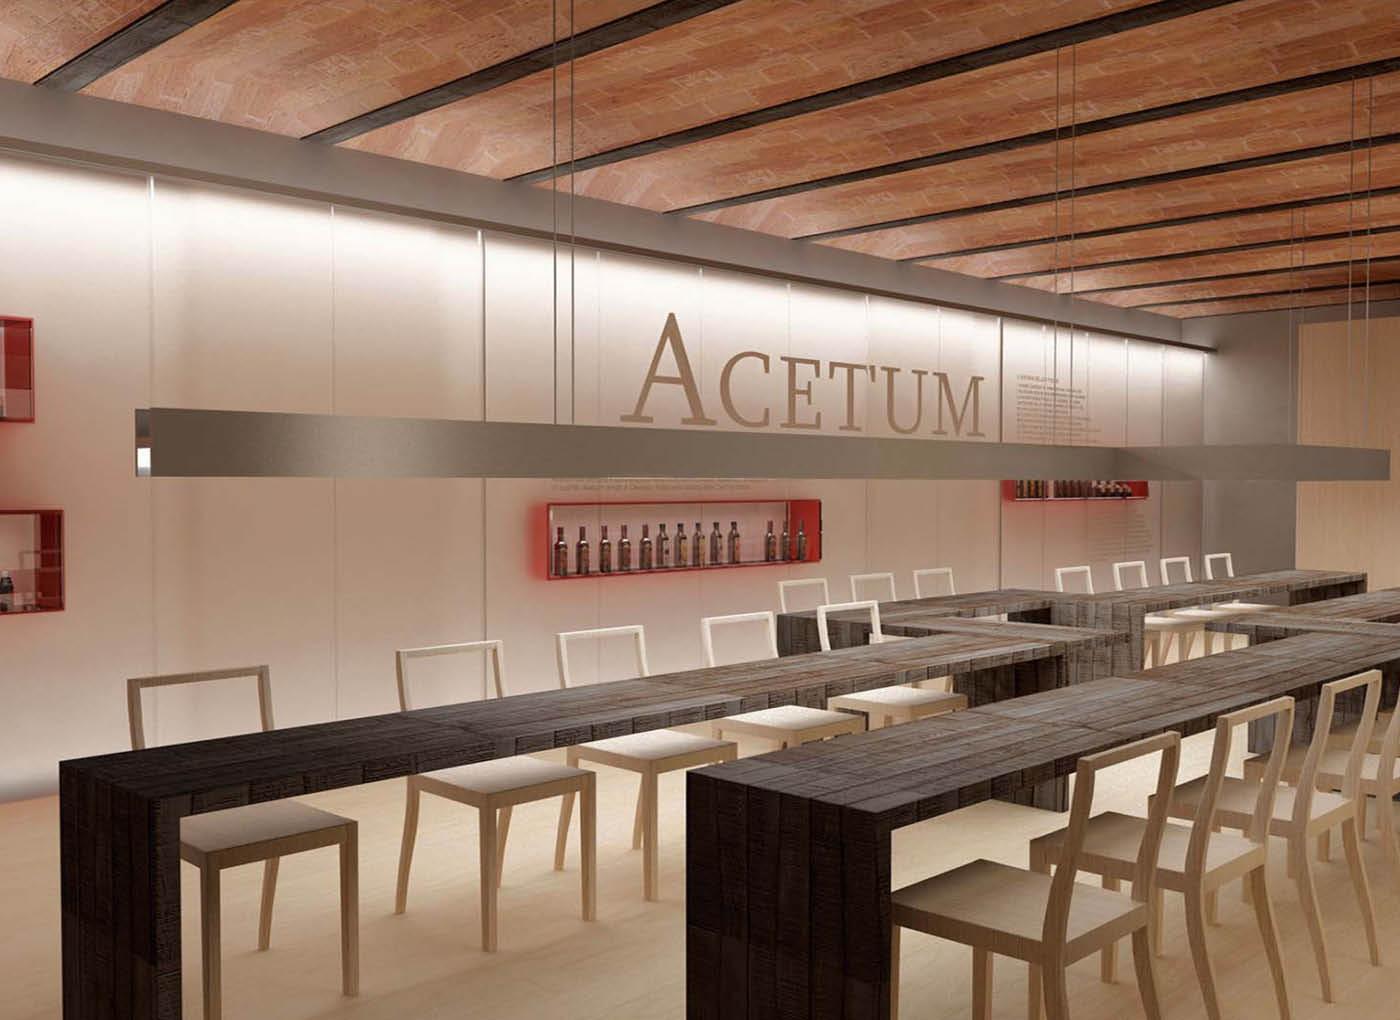 Nuova palazzina uffici Acetum, Motta di Cavezzo (MO)